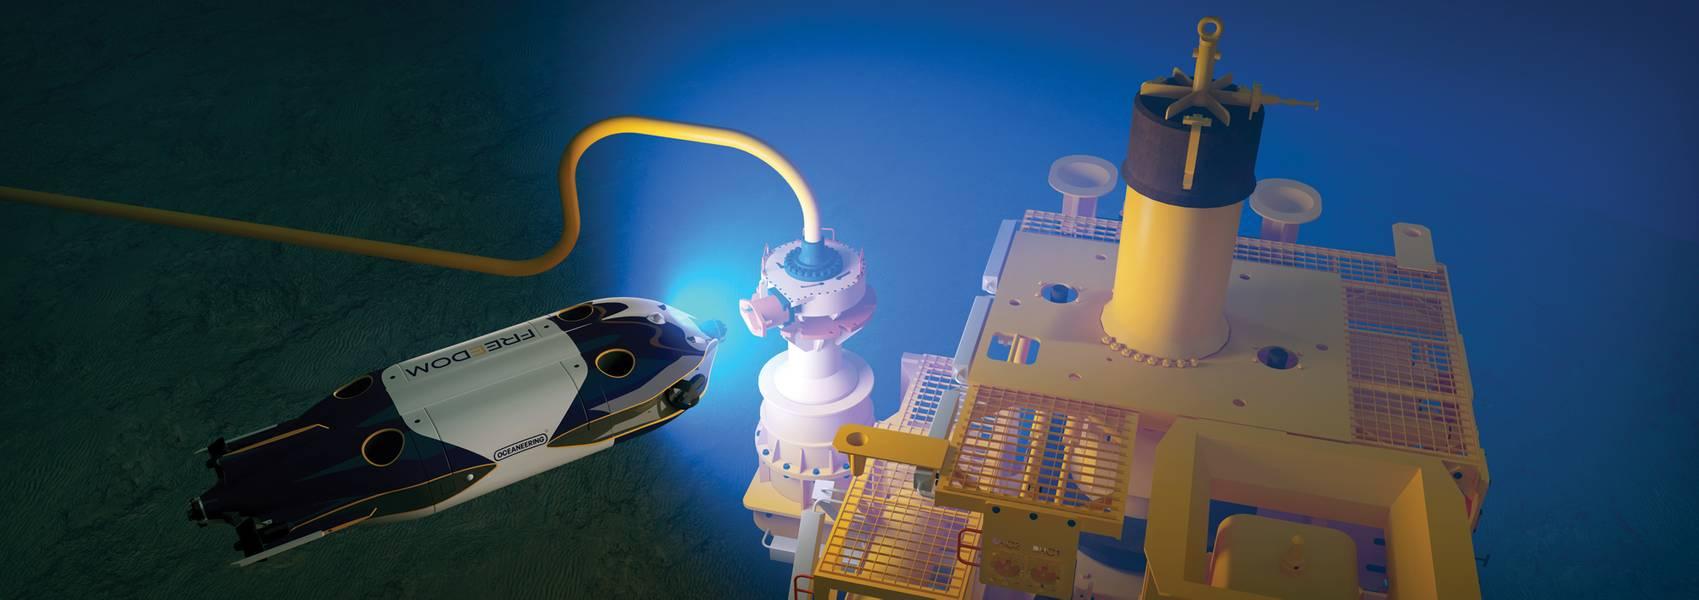 Oceaneering的Freedom车辆检查水下采油树。由Oceaneering International提供